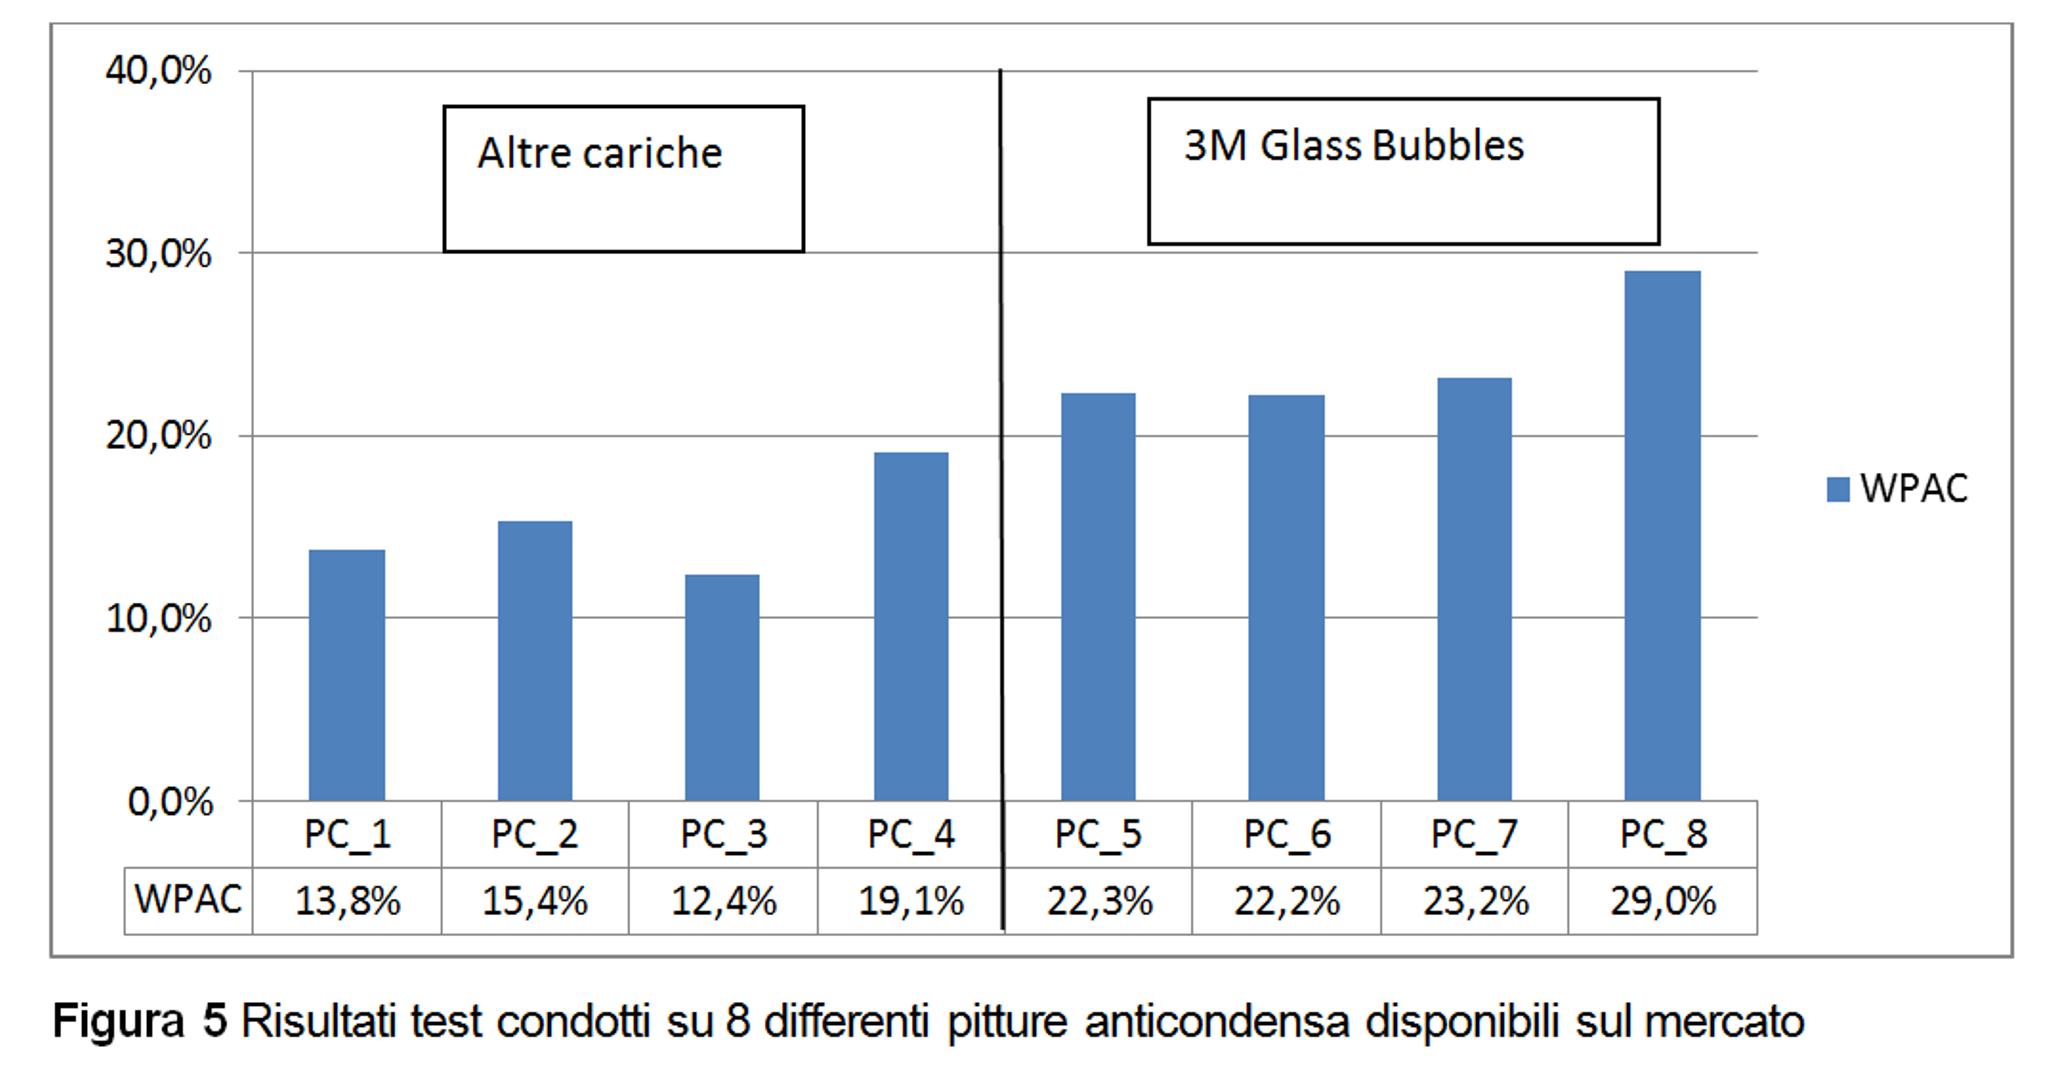 Figura 5 - Risultati test condotti su 8 differenti pitture anticondensa disponibili sul mercato